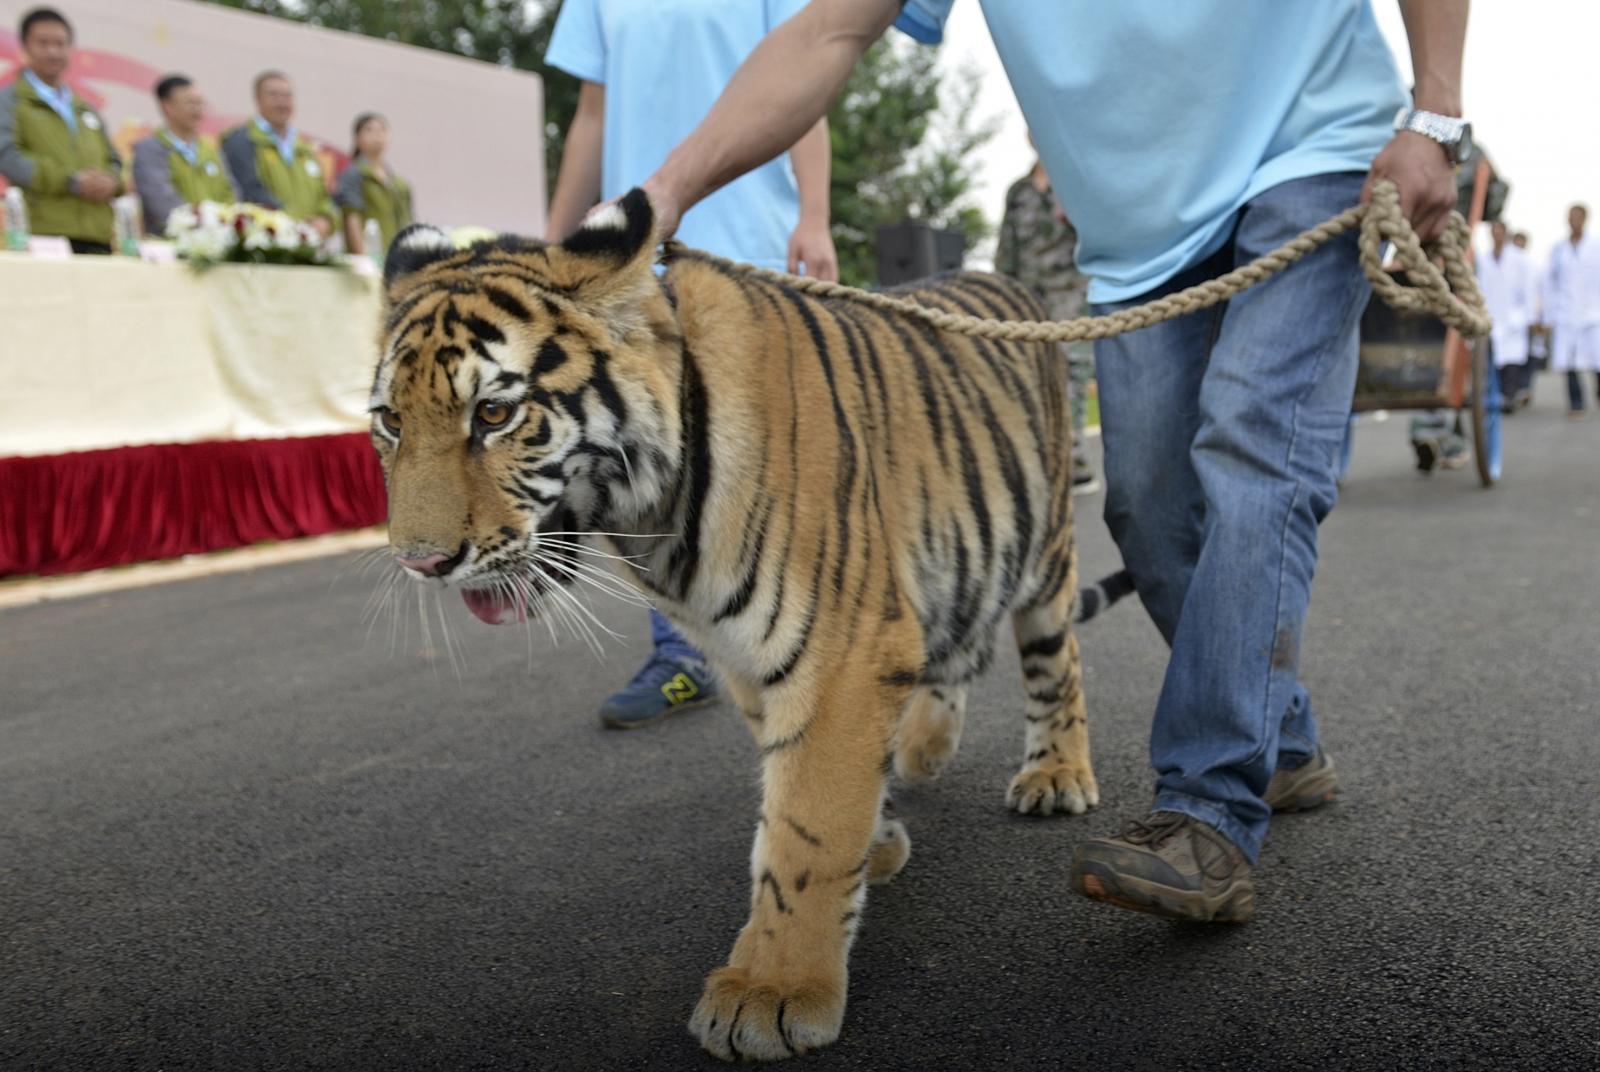 Tiger xu china eating tiger bones penis drinking tiger blood chinese medicine